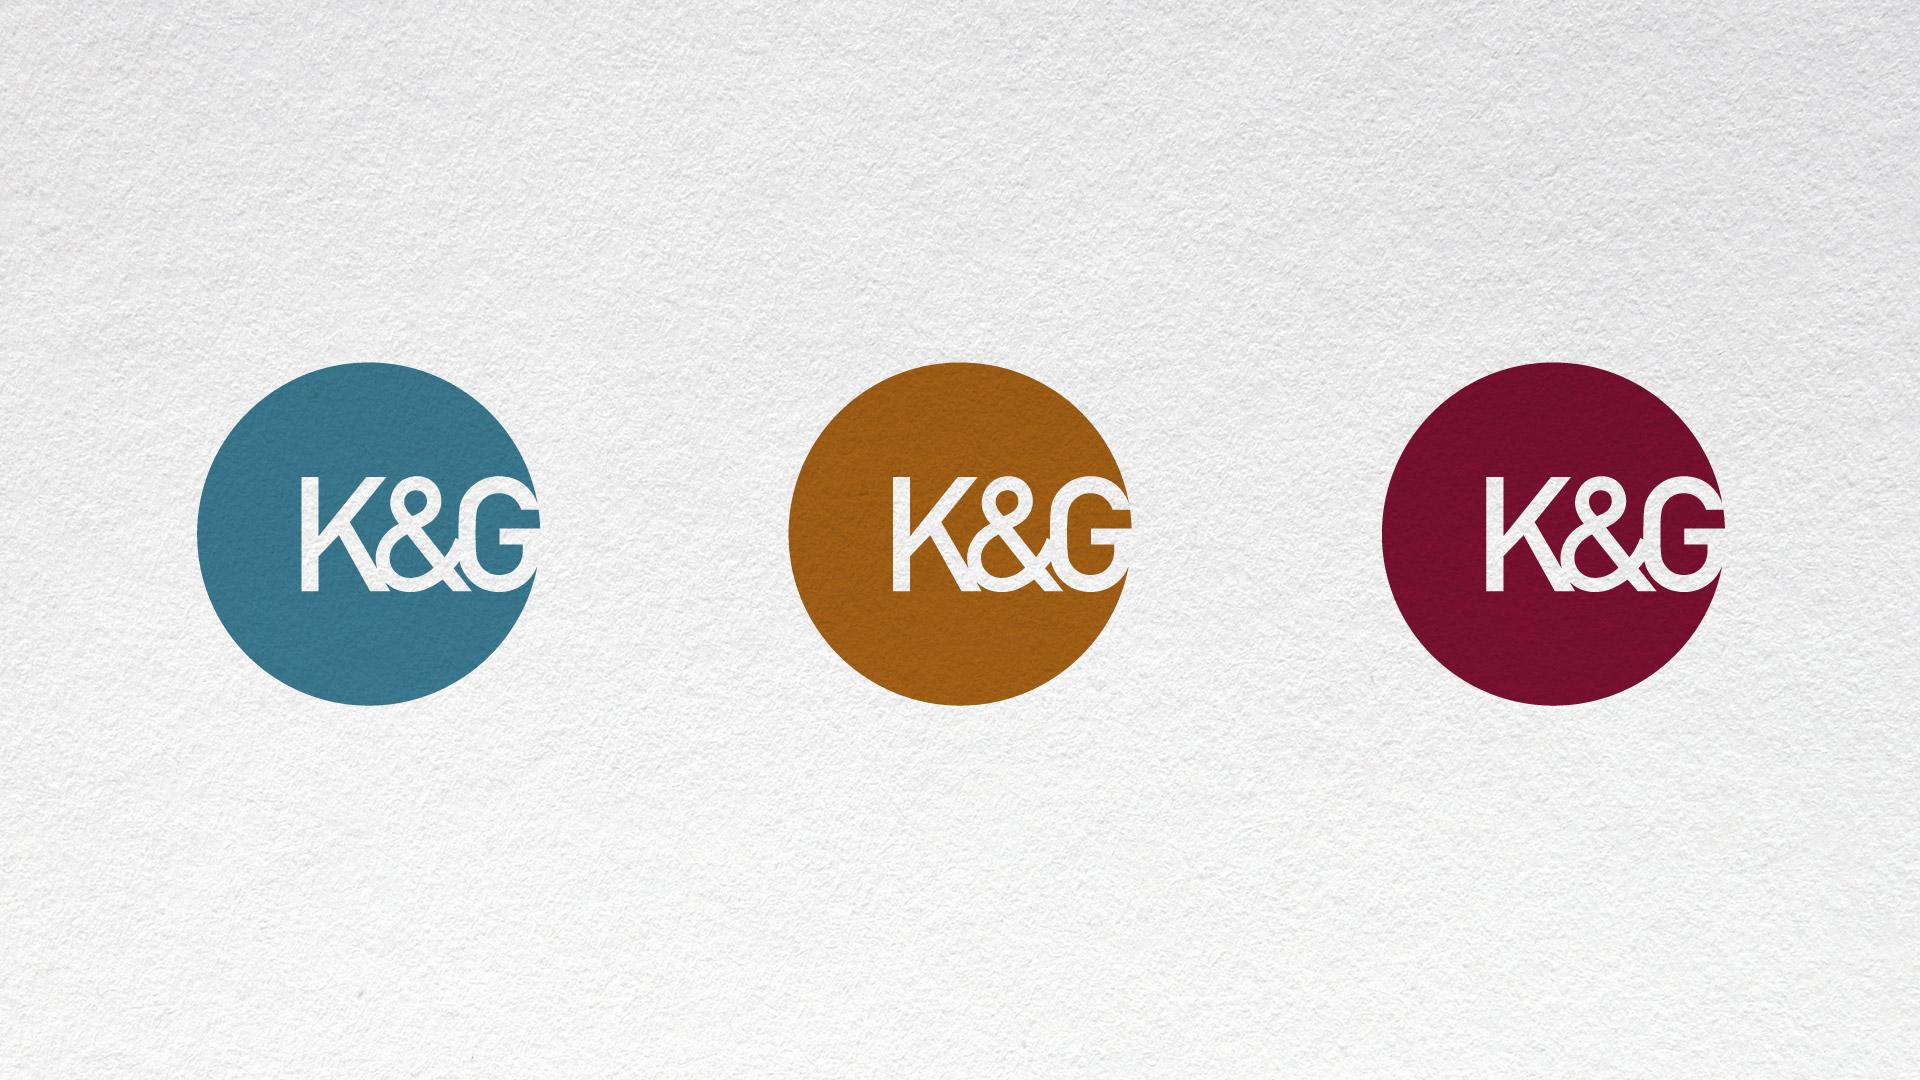 Асгард Брендинг, фирменный стиль, айдентика, лого, K&G, Kutush & Gonzaga, дизайн, графический дизайн, лого подразделений компании, брендинг магазина, ритейл, интернет-магазин, брендинг, корпоративный стиль